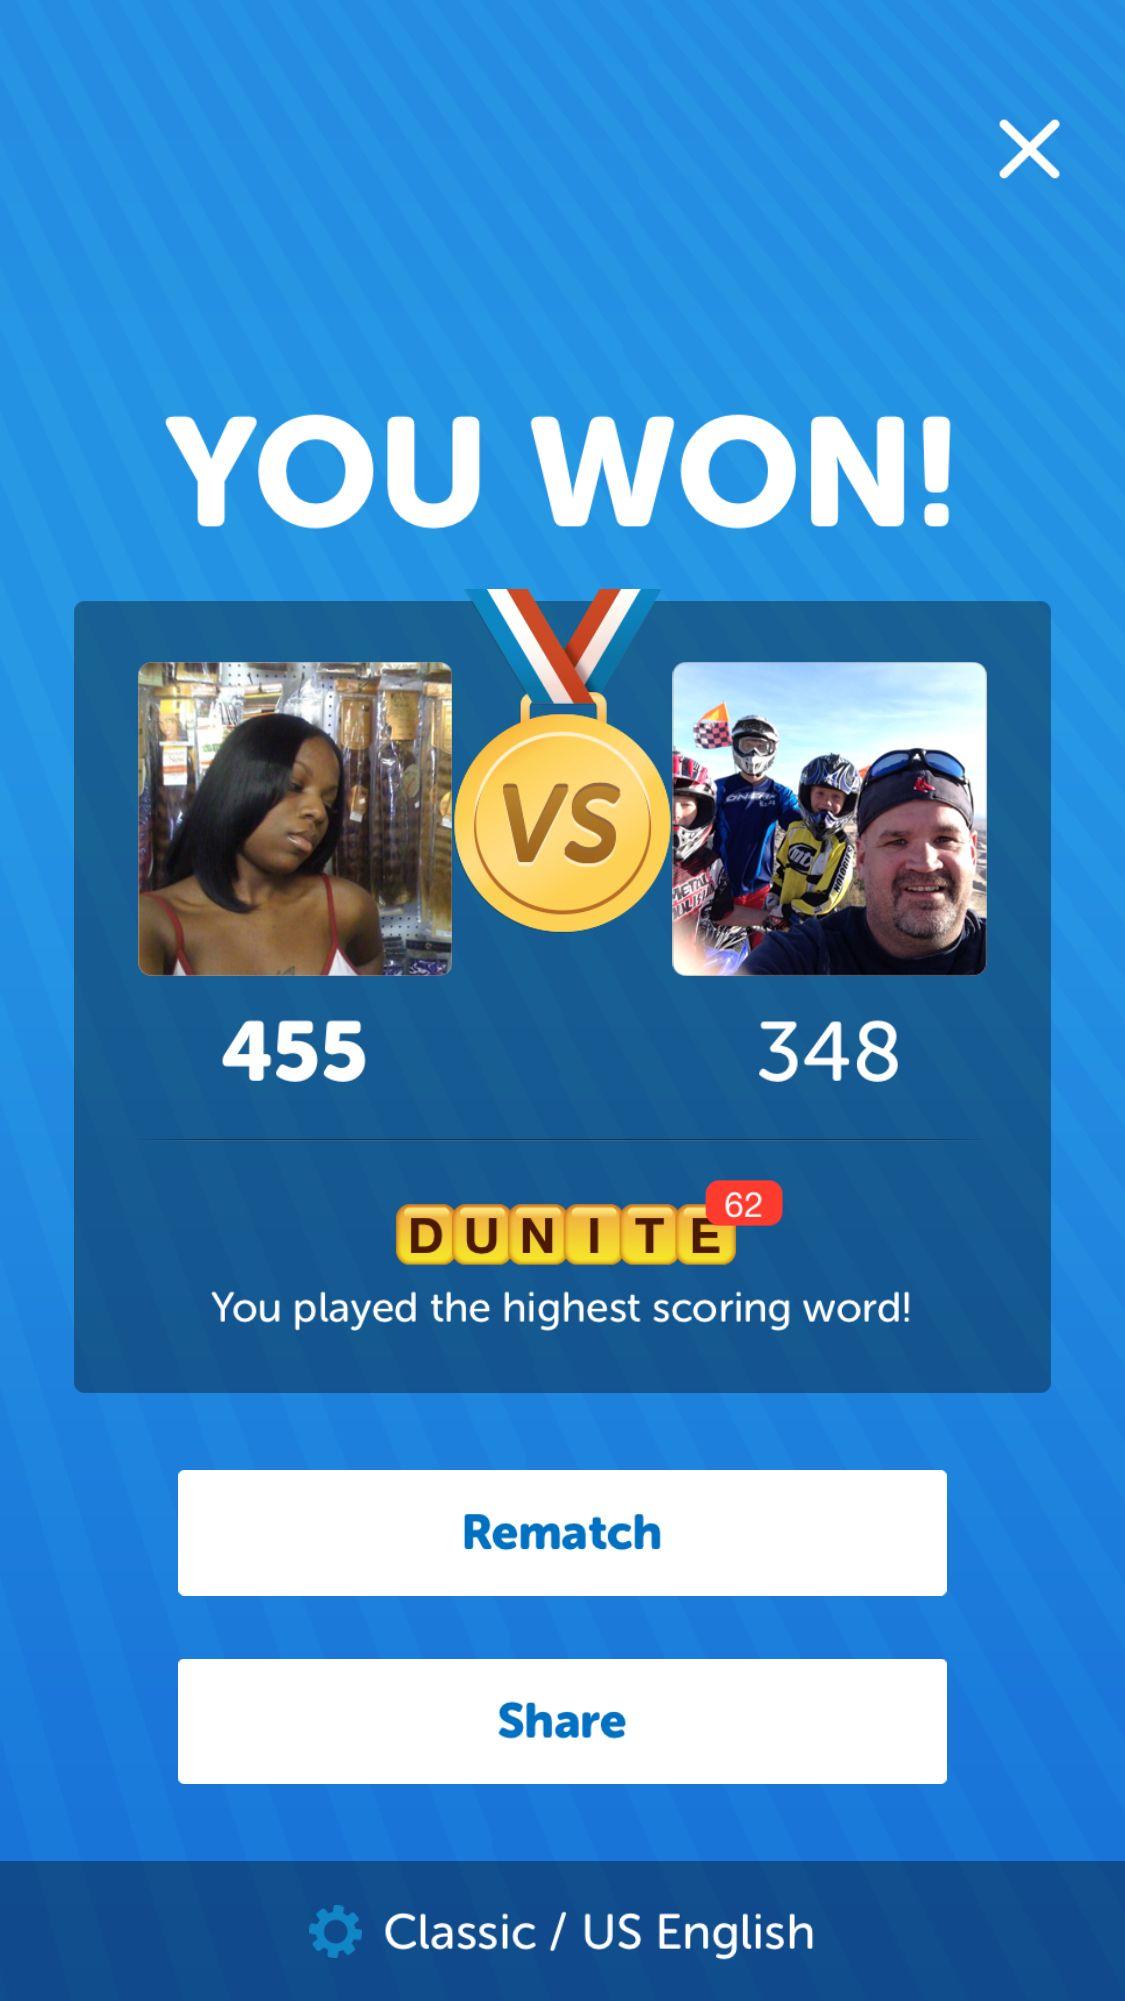 I just beat 'Wade S.' 455 - 348!